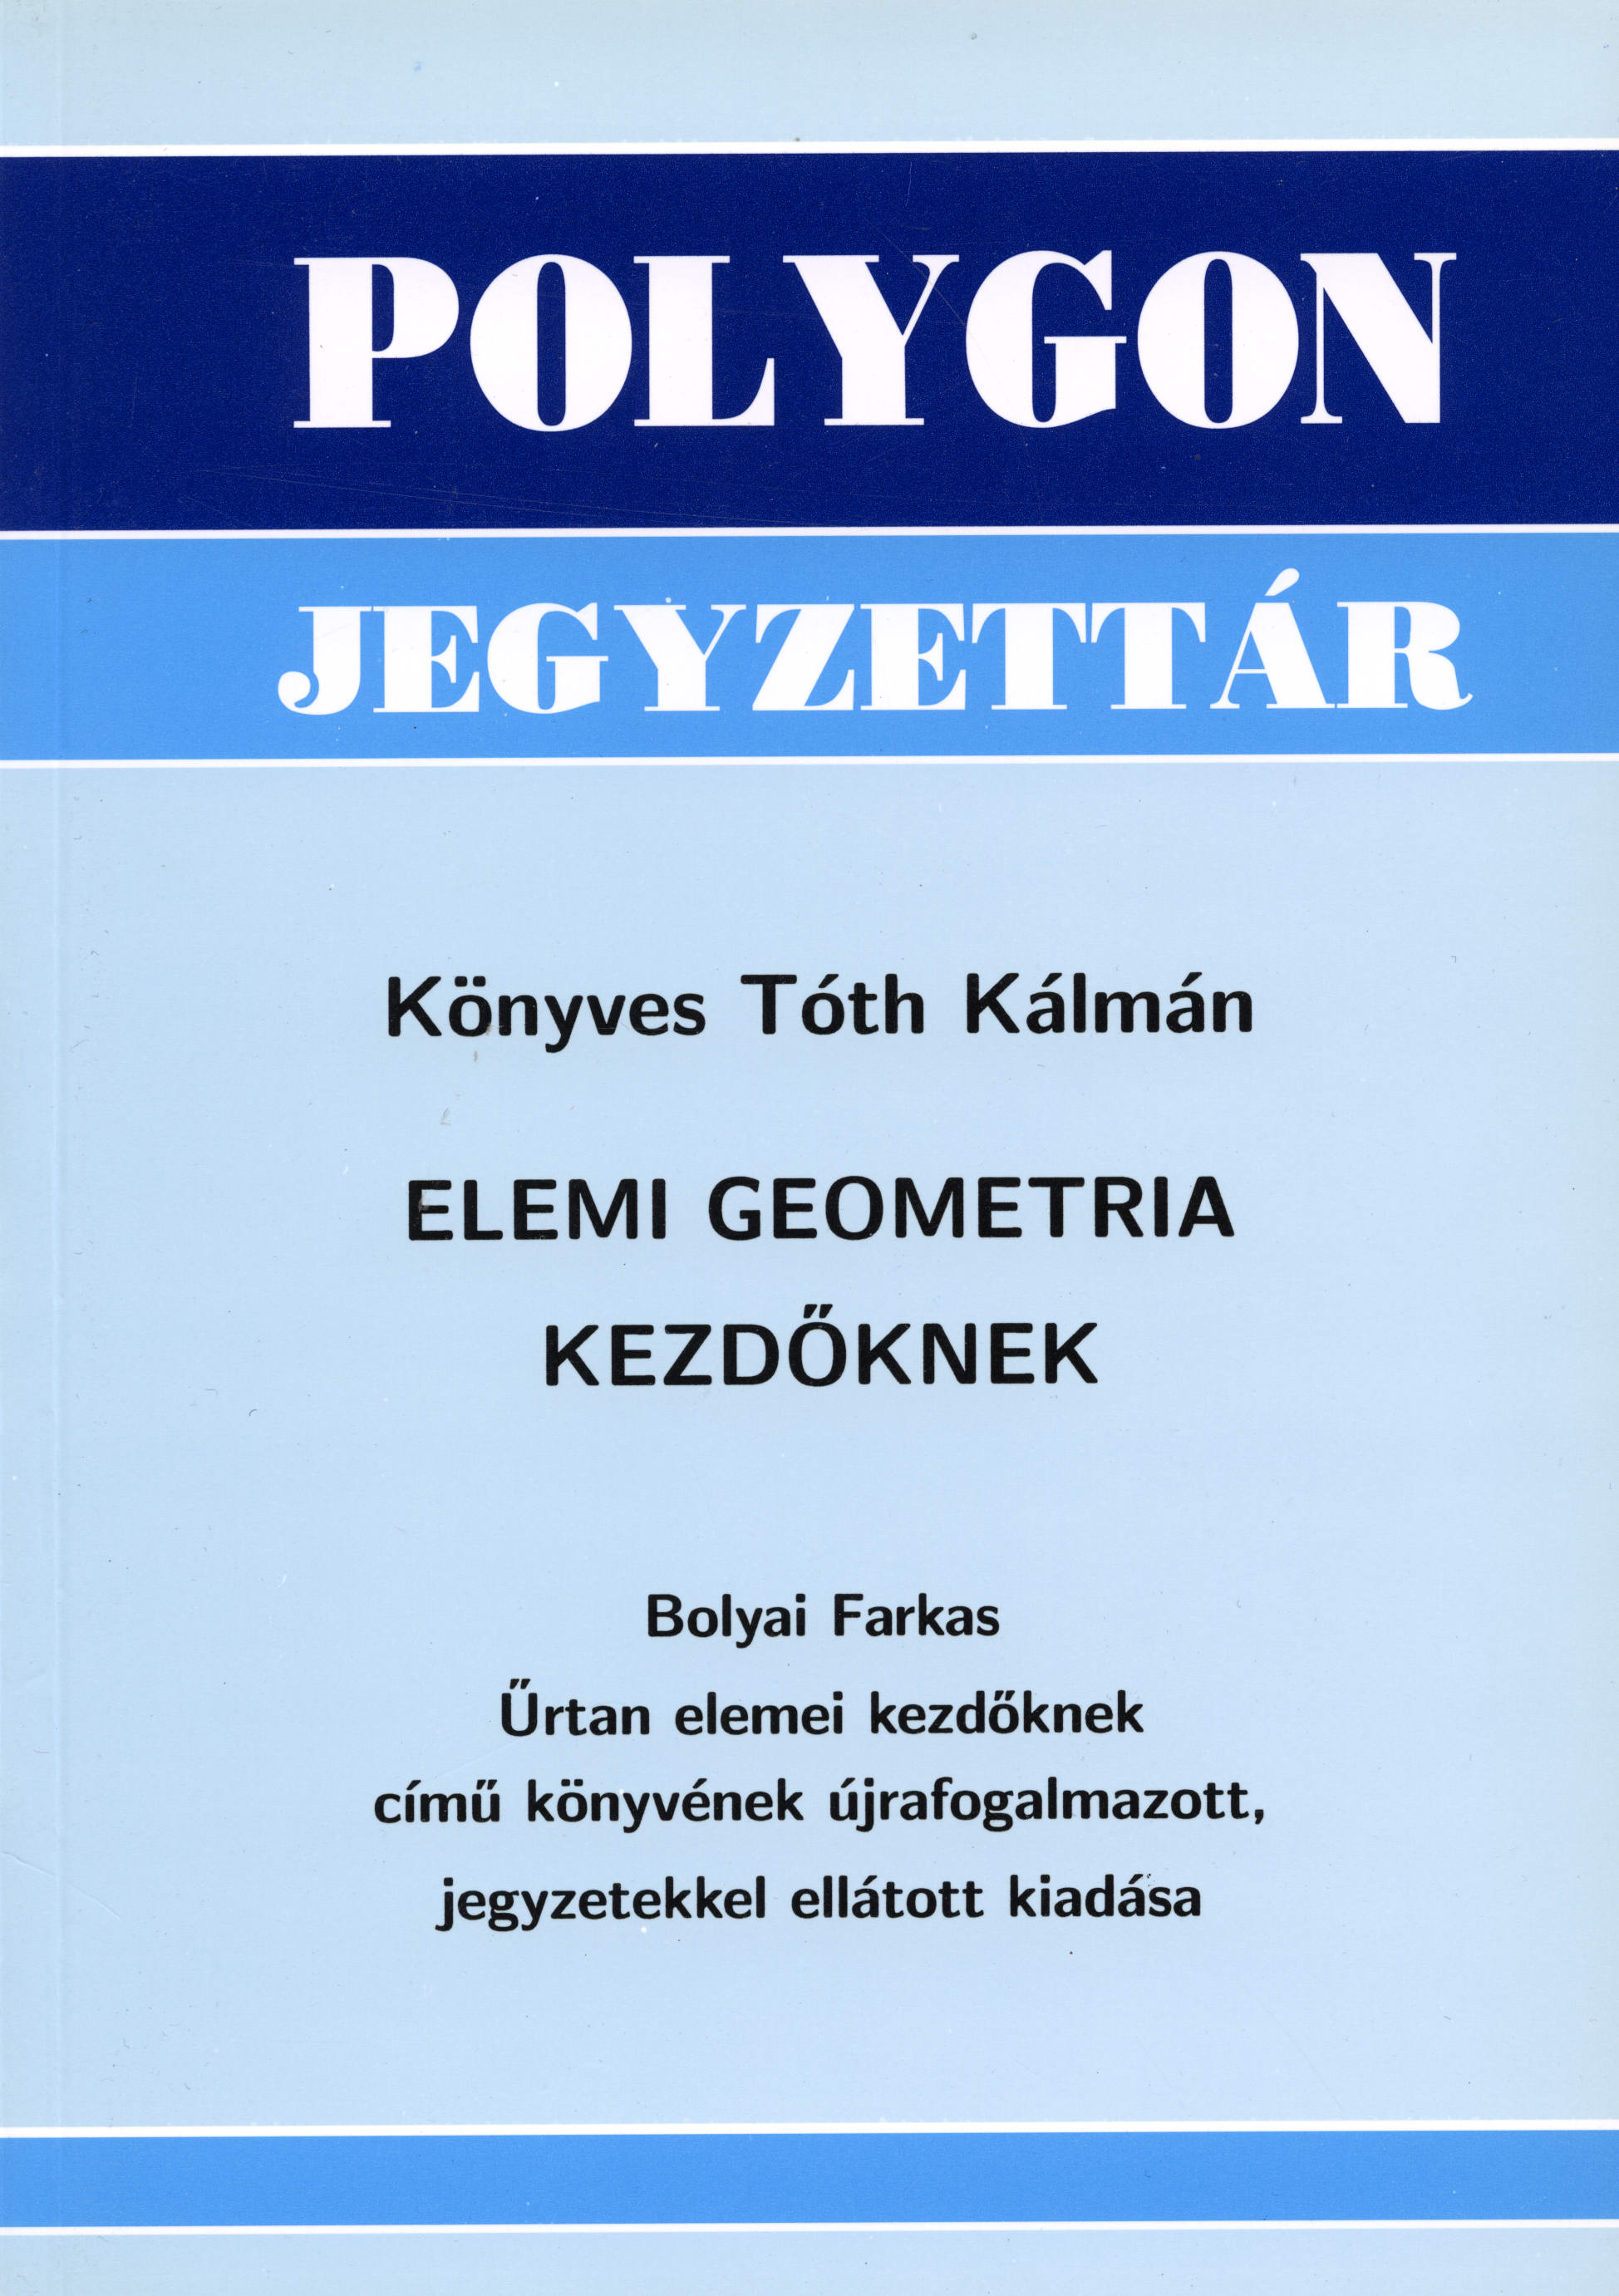 Elemi geometria kezdőknek - Polygon jegyzet